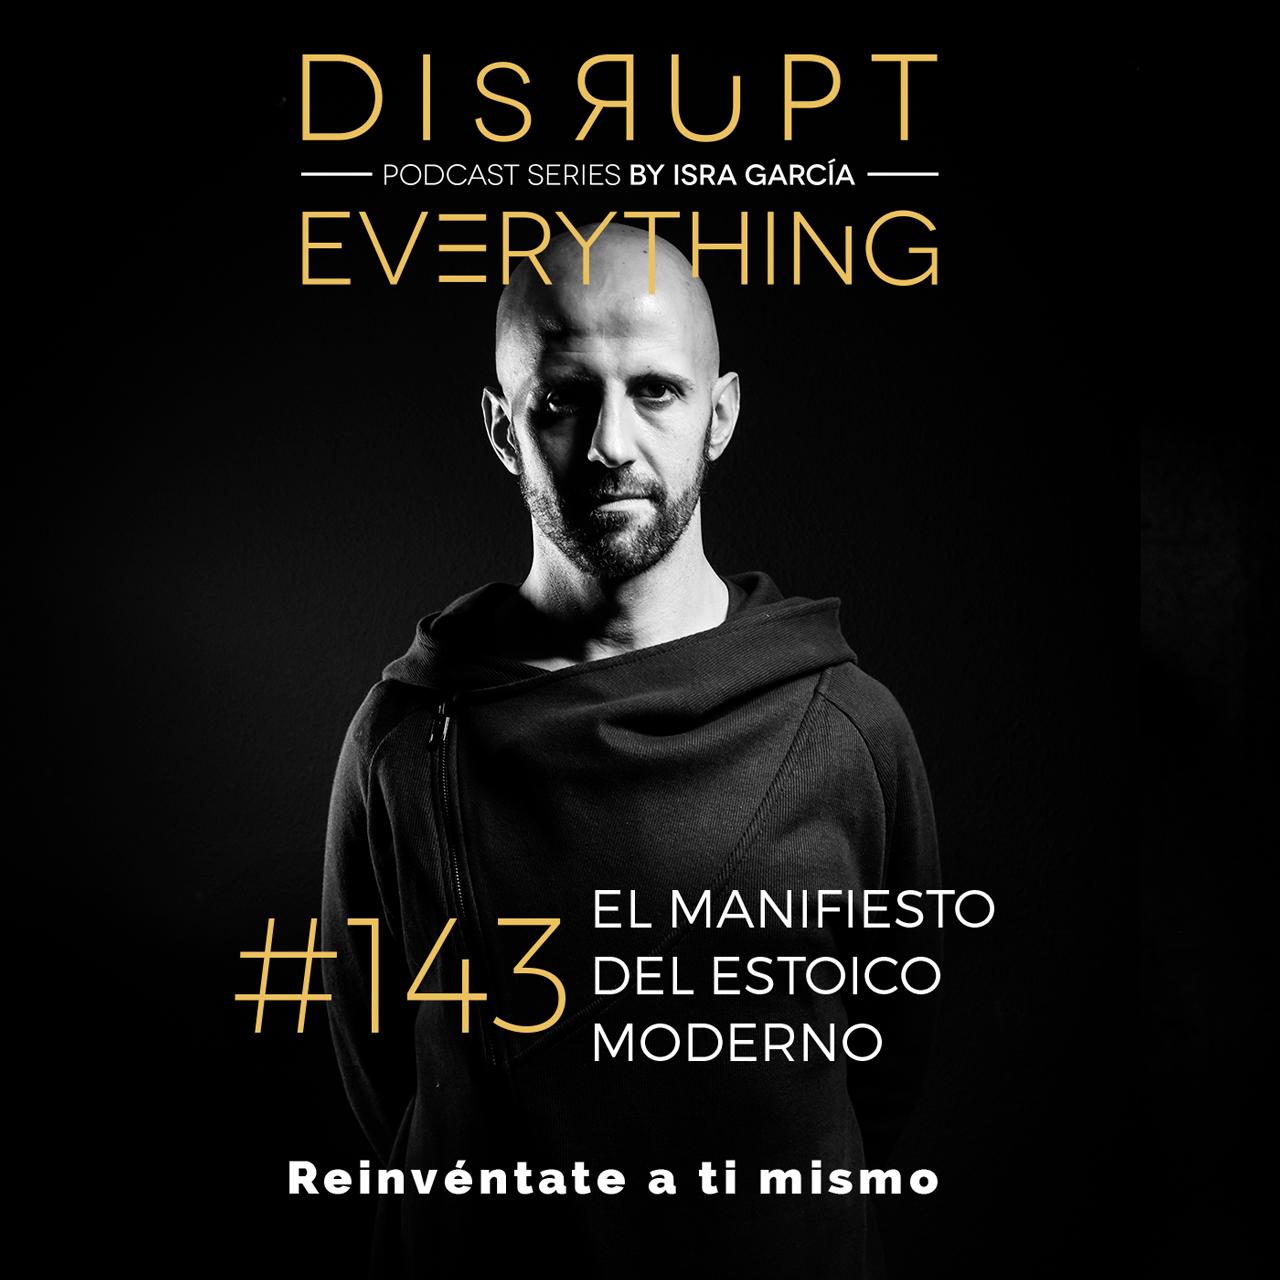 El Manifiesto del Estoico Moderno - Disrupt Everything #143